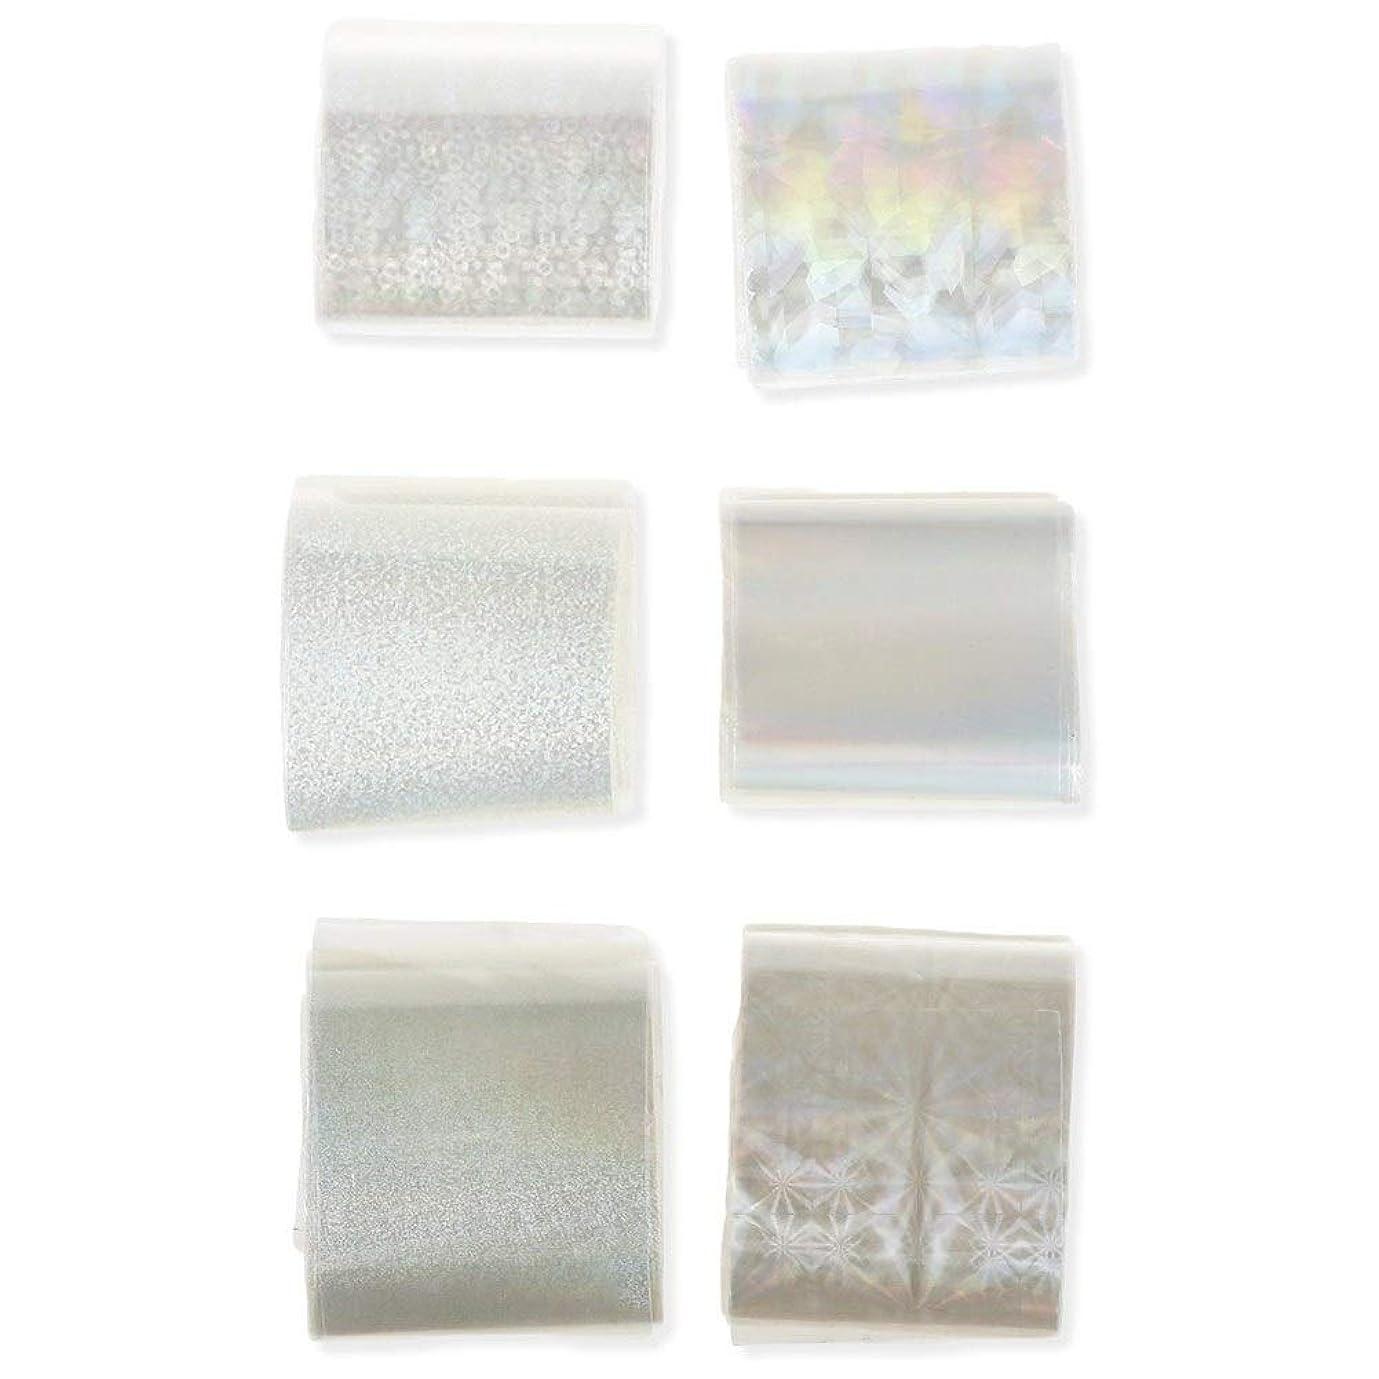 スカイ後方に軽く6本 ネイルステッカー 透明 ネイル箔 キラキラ アート転写 ステッカーペーパー ネイル ヒントデコ レーション アクセサリー